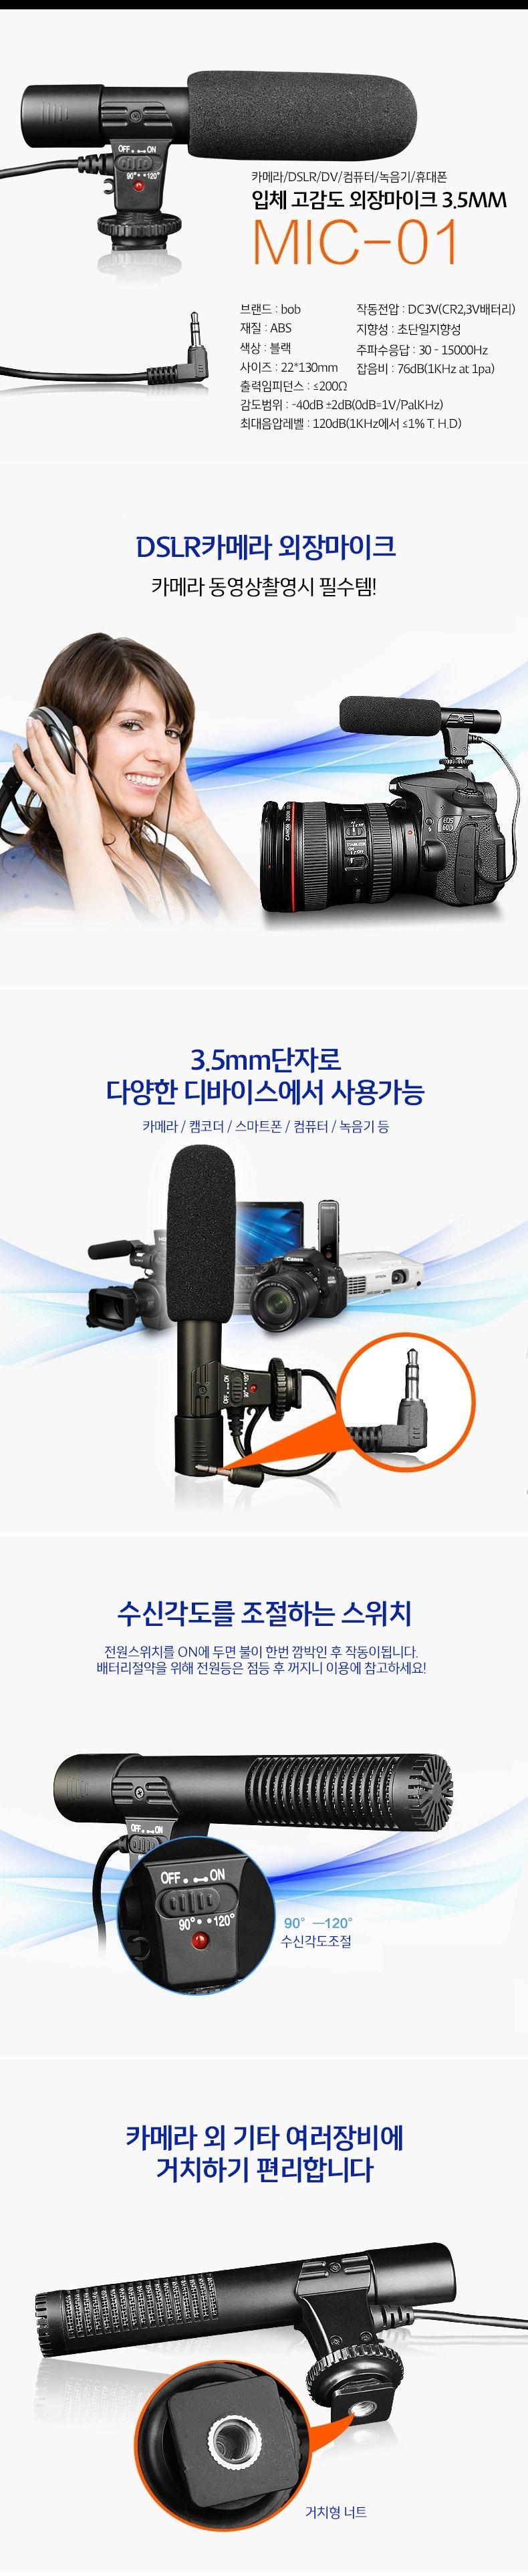 bob_camera_mic-01_microphone.jpg